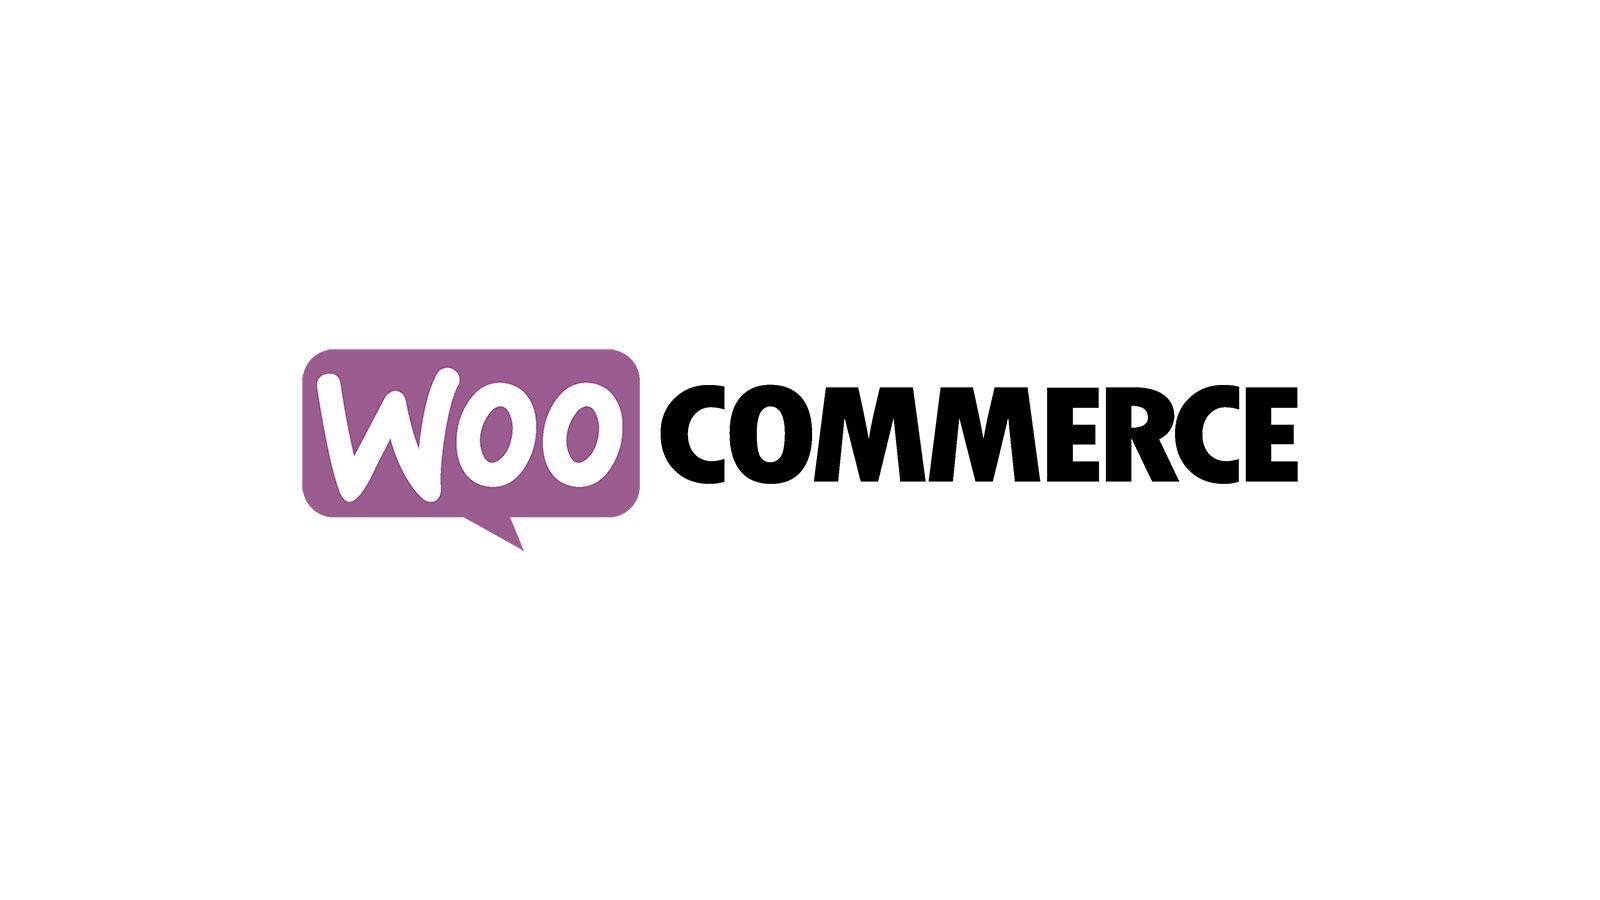 Hướng dẫn tạo một cửa hàng WooCommerce chi tiết